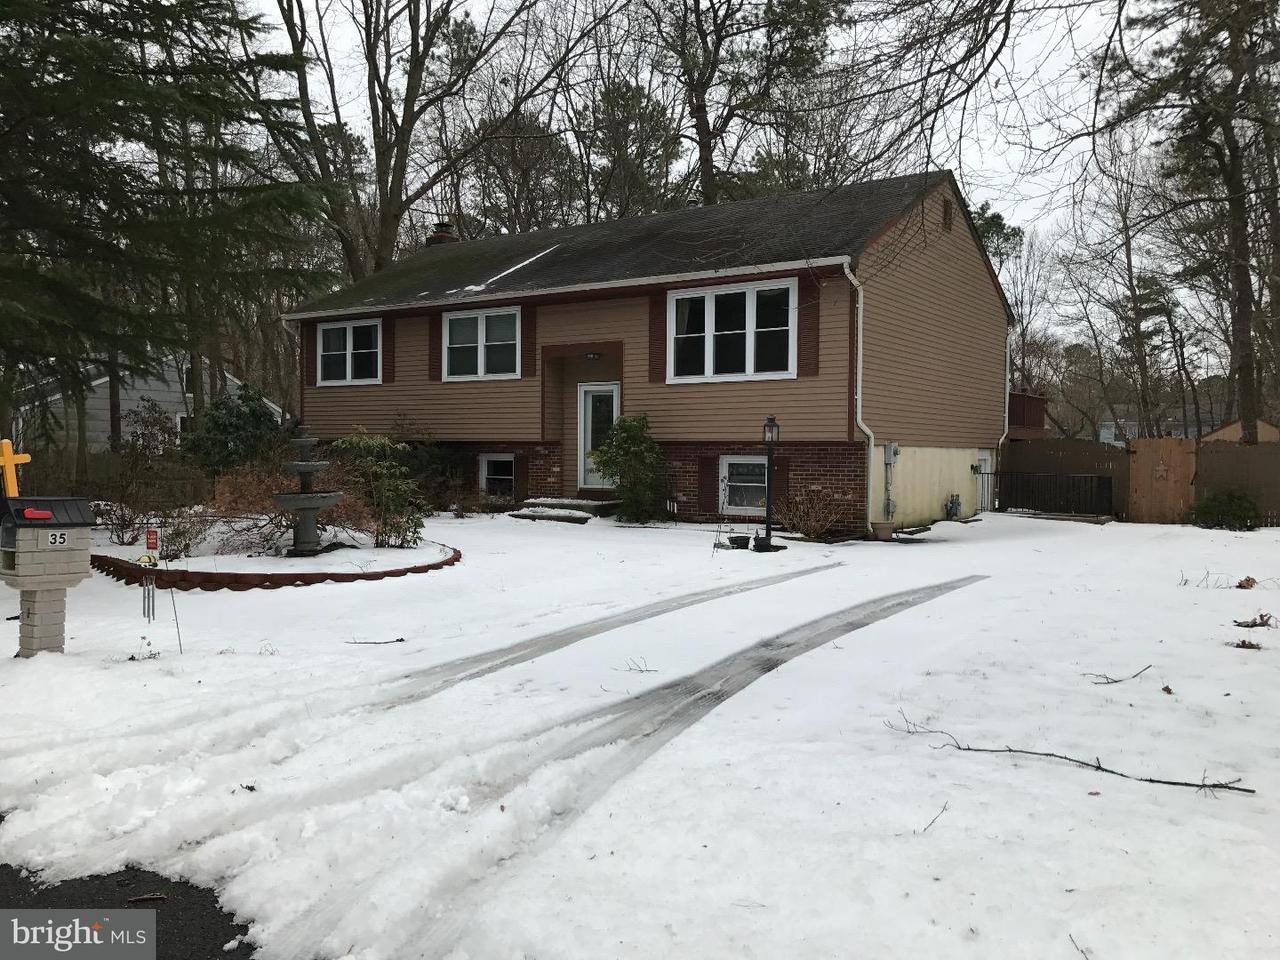 Maison unifamiliale pour l Vente à 35 BIRCHWOOD WAY Gibbsboro, New Jersey 08026 États-Unis